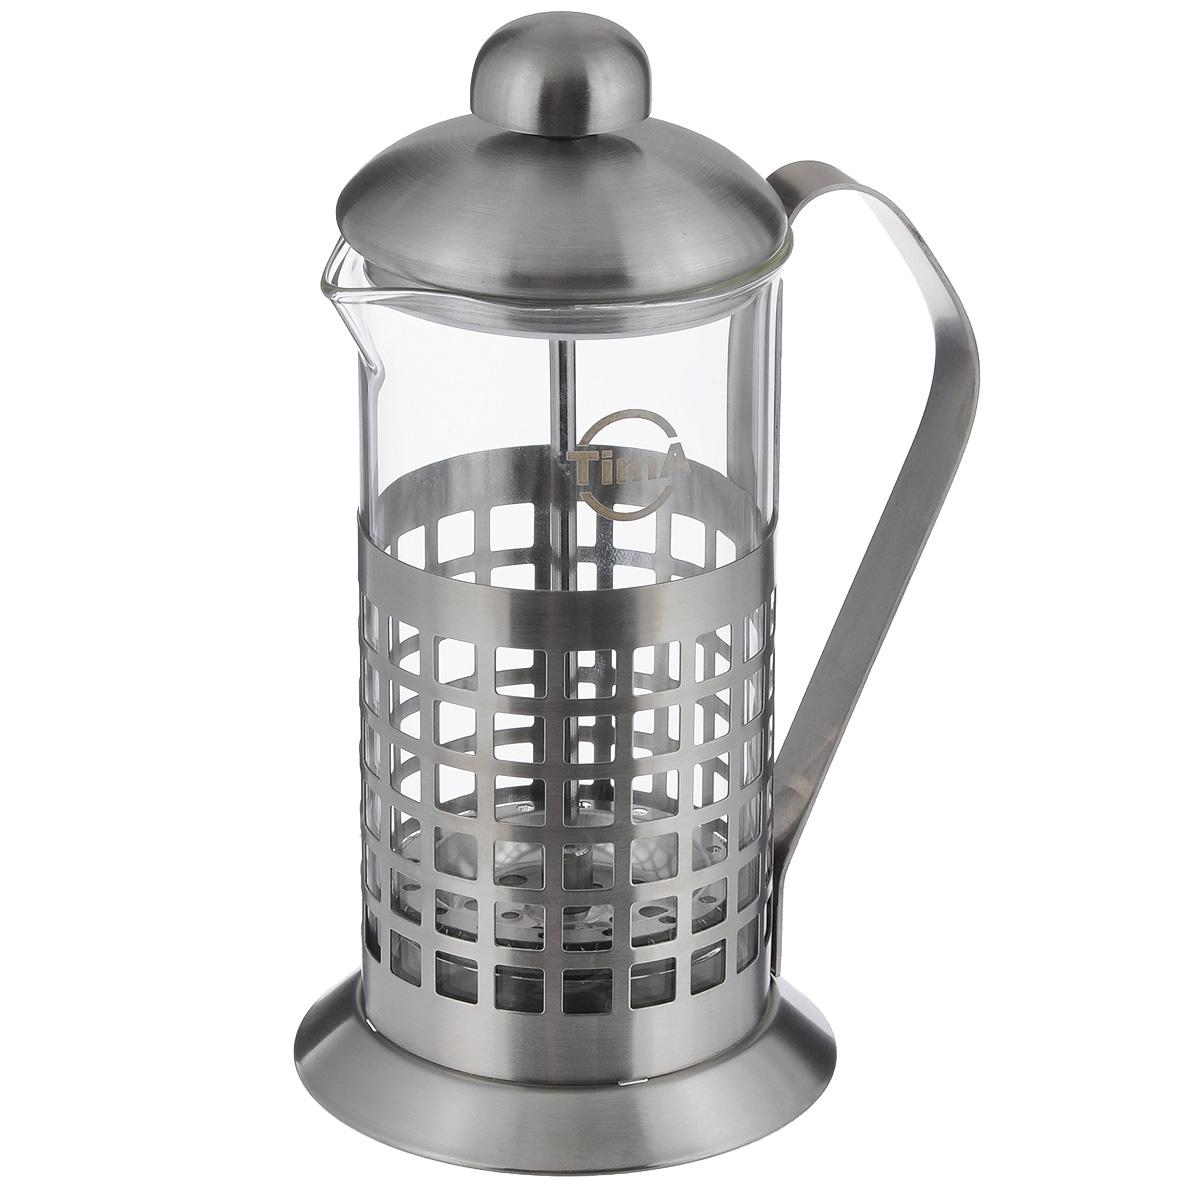 Чайник заварочный TimA Бисквит, 350 млPB-350Чайник заварочный TimA Бисквит выполнен в виде френч-пресса и представляет собой гибрид заварочного чайника и кофейника. Колба выполнена из жаропрочного стекла, корпус, крышка и поршень изготовлены из нержавеющей стали. Изделие легко разбирается и моется. Прозрачные стенки чайника дают возможность наблюдать за насыщением напитка, а поршень позволяет с легкостью отжать самый сок от заварки и получить напиток с насыщенным вкусом. Заварочный чайник - постоянно используемый предмет посуды, который необходим на каждой кухне. Френч-пресс TimA Бисквит займет достойное место среди аксессуаров на вашей кухне. Можно мыть в посудомоечной машине. Диаметр (по верхнему краю): 7 см. Высота чайника: 18,5 см. Объем: 350 мл.